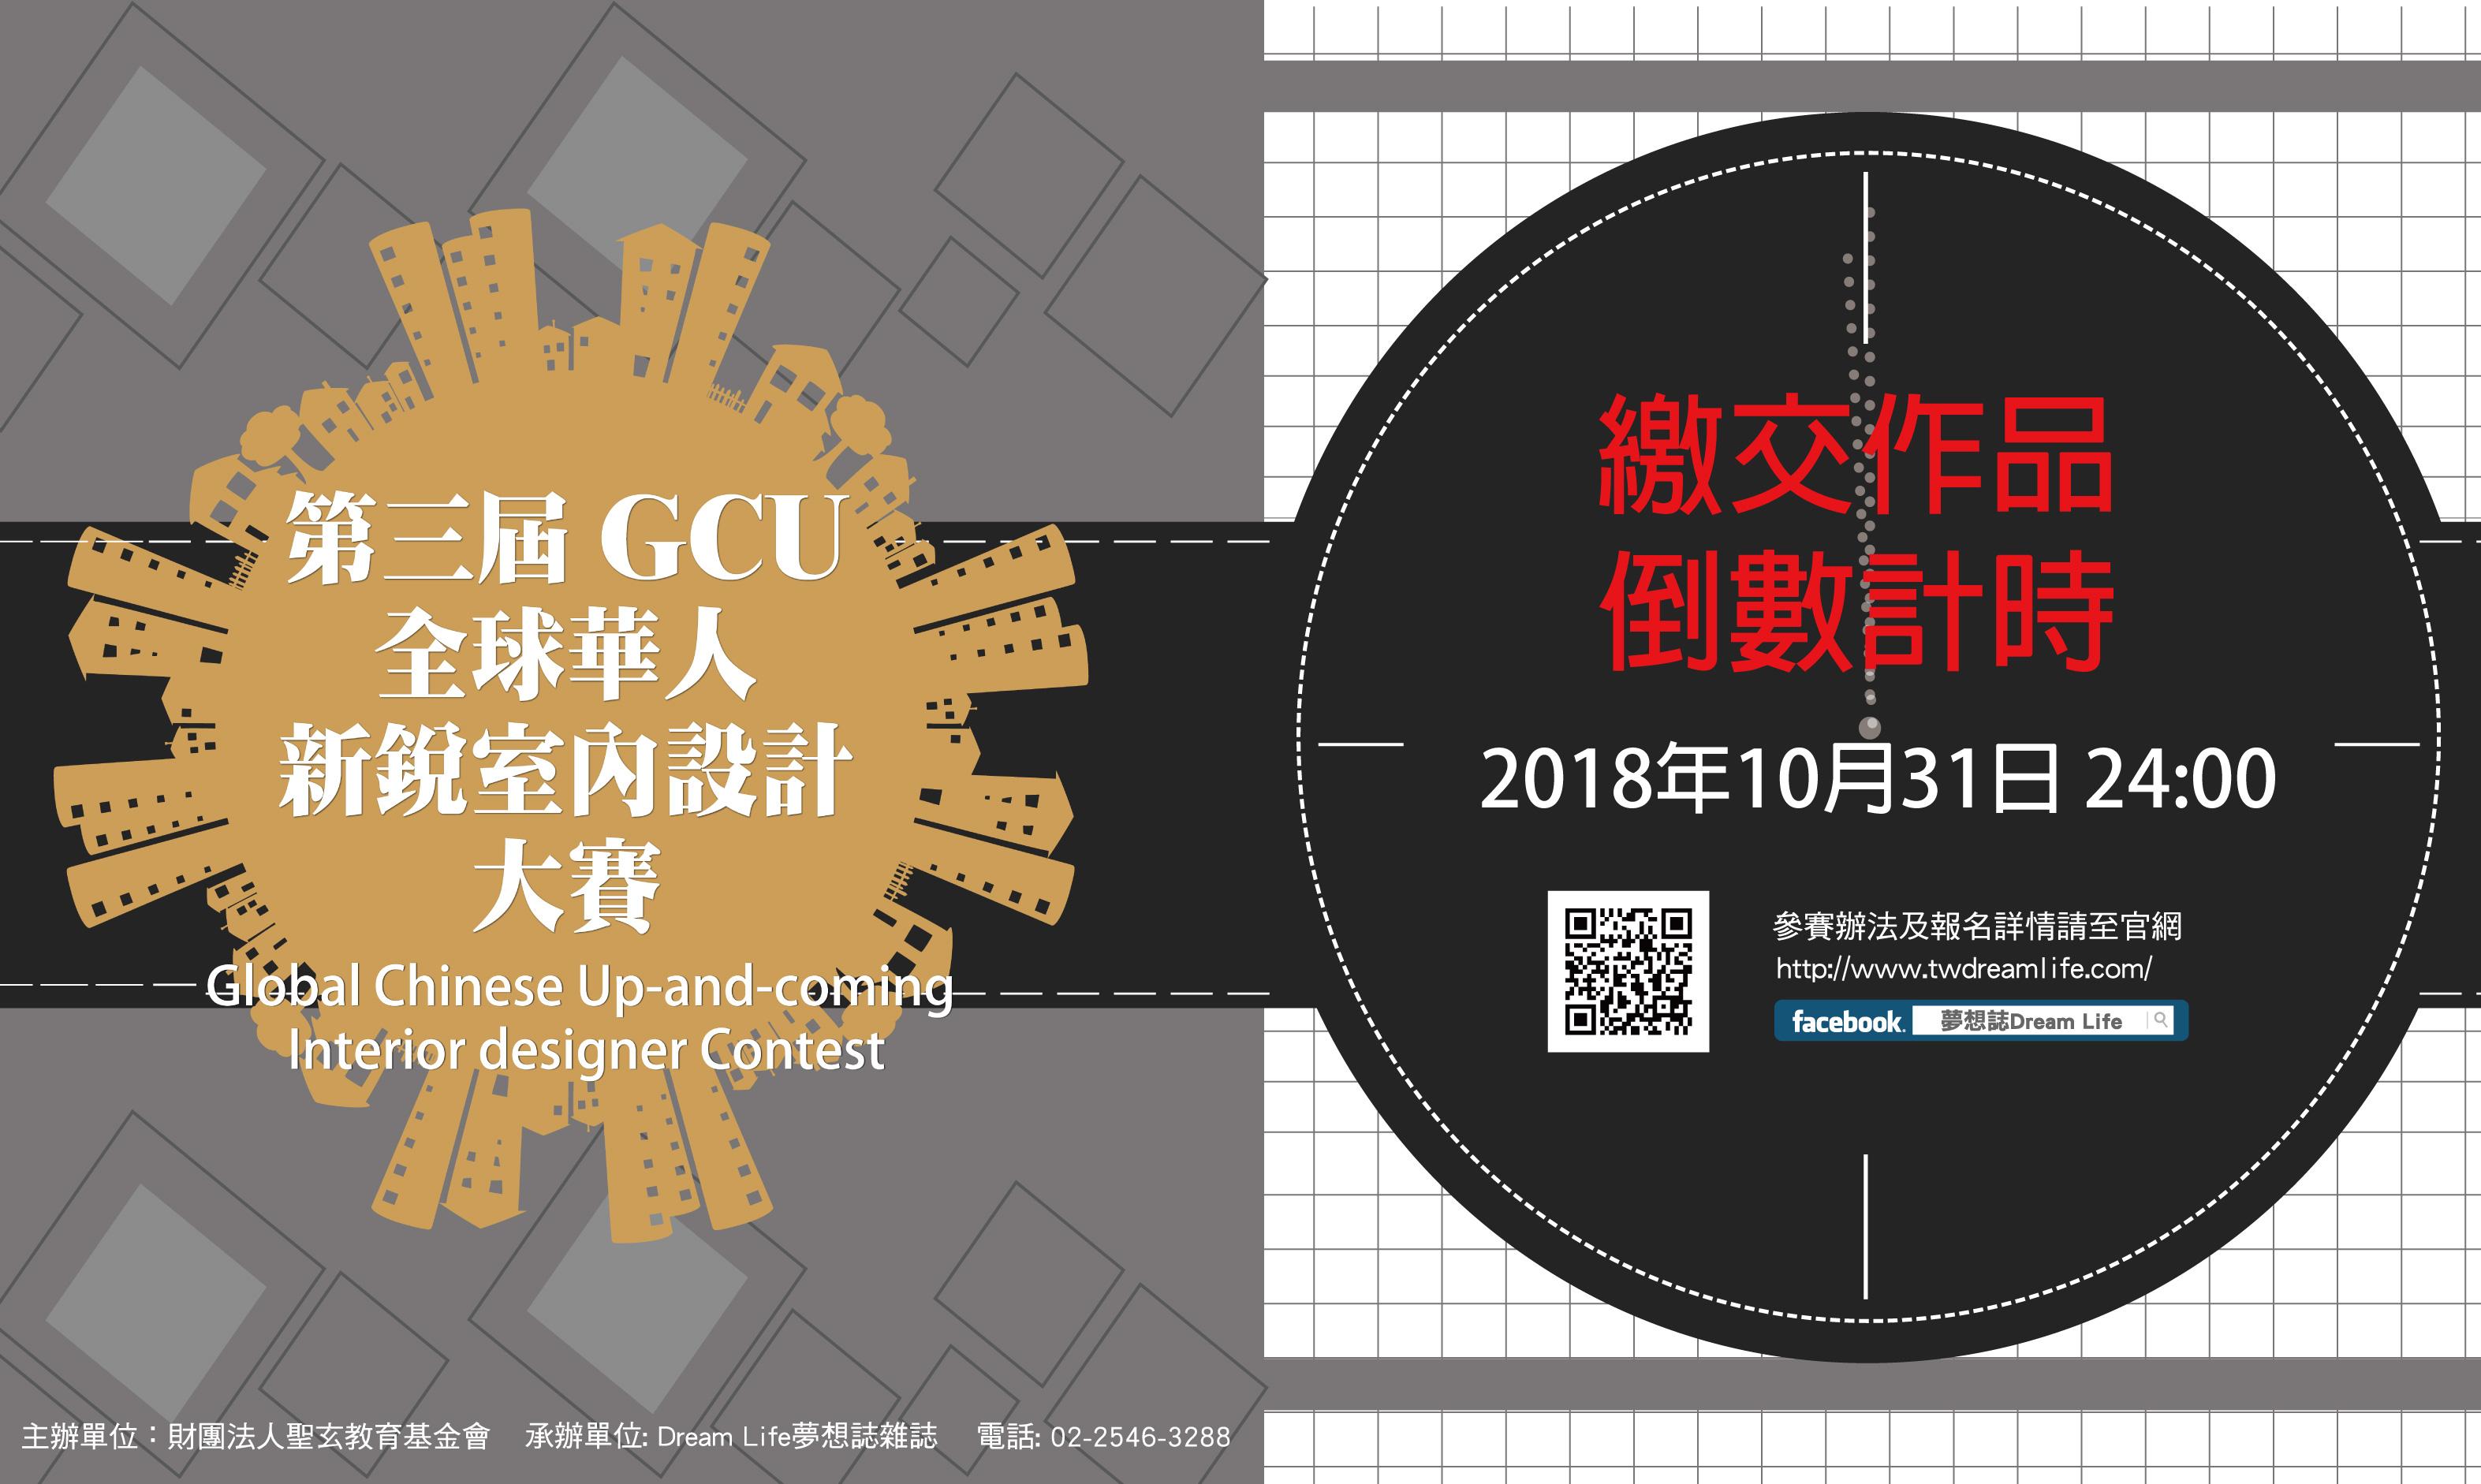 第三屆GCU全球華人新銳室內設計大賽-正式開跑